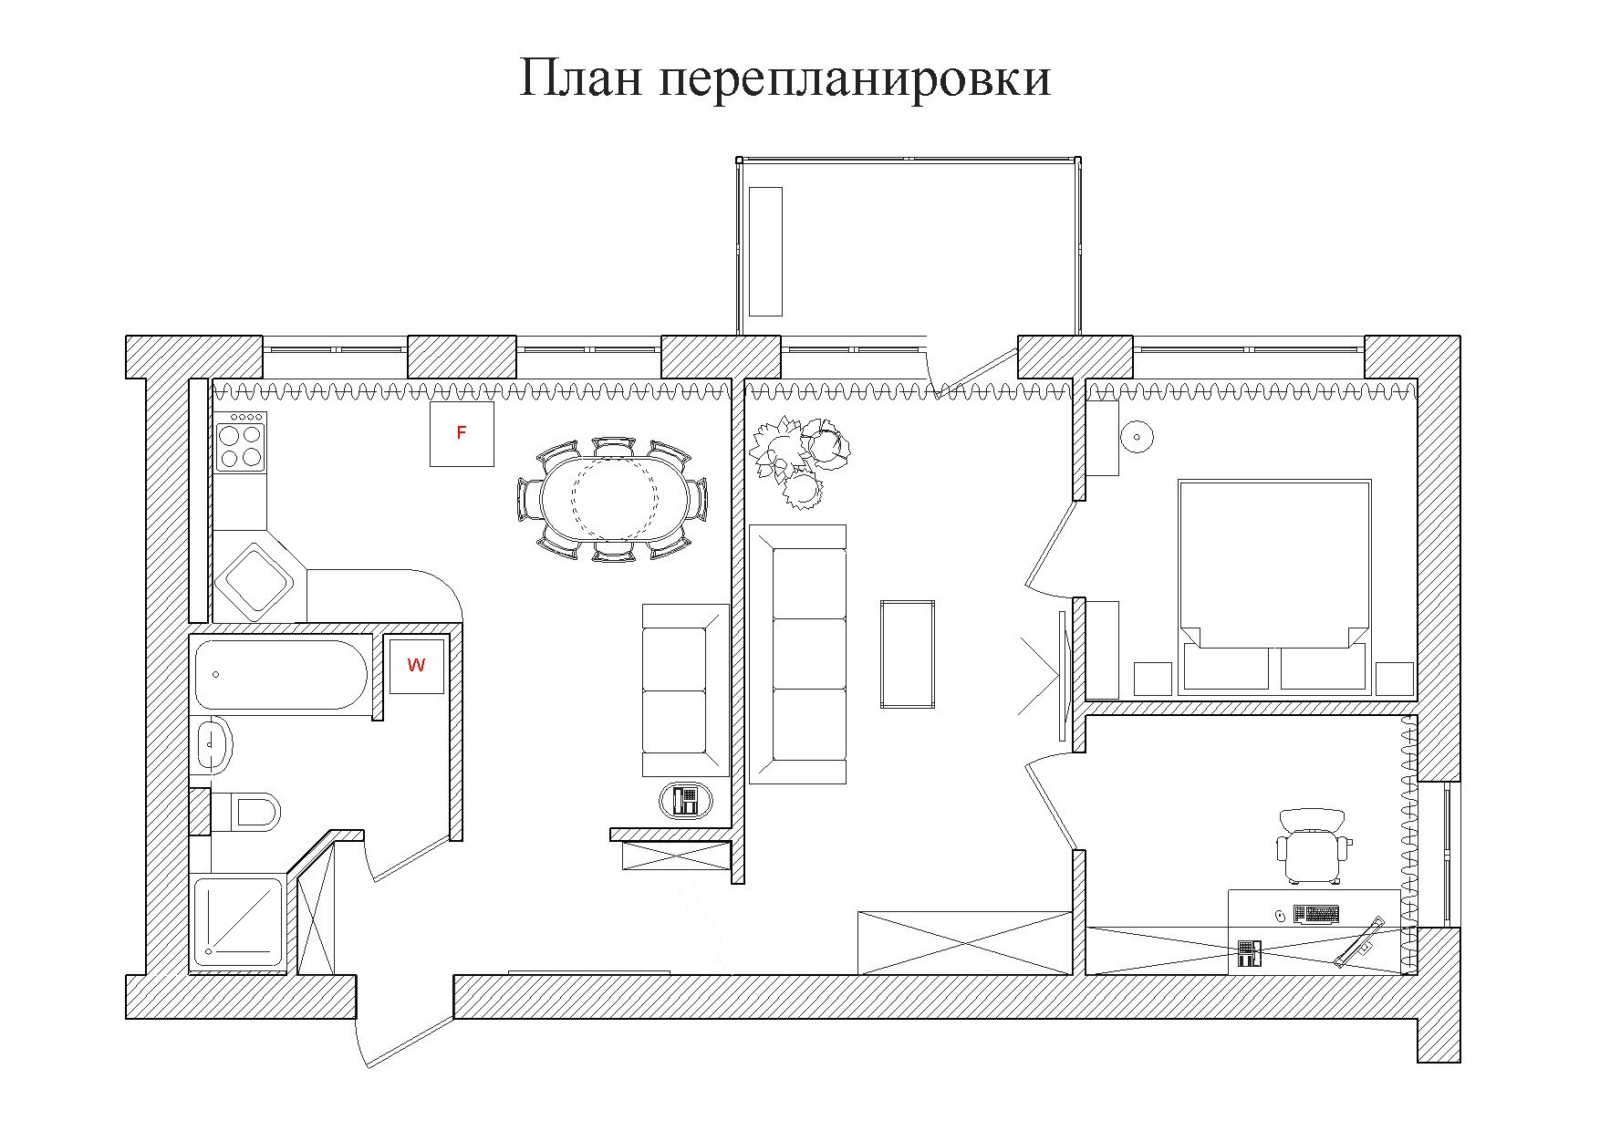 Схема проведения работ указывается в проекте перепланировки, который нужно представить на согласование в МЖИ.